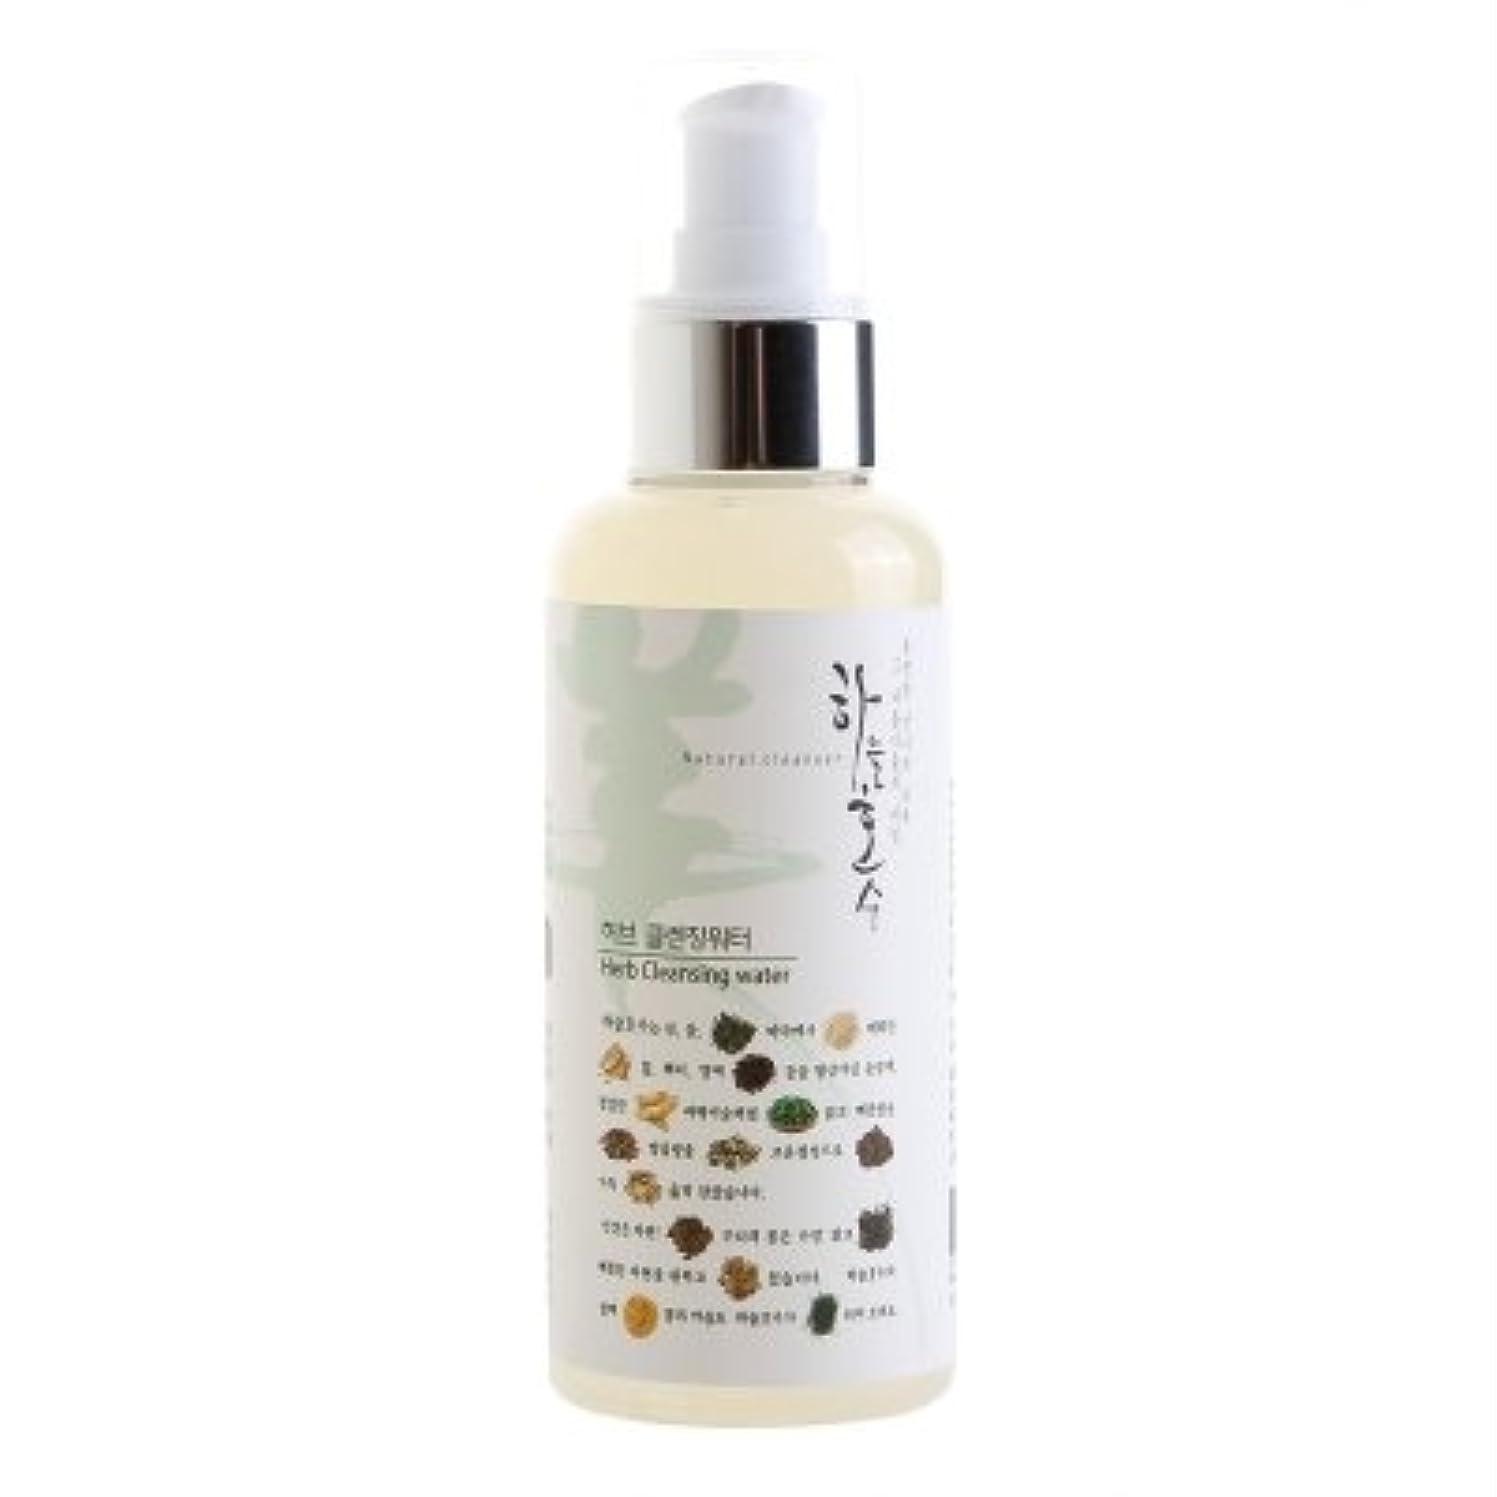 ケープコーデリア小屋[ハヌルホス] Skylake [ハーブクレンジングウォーター (150ml)] (Herb Cleansing Water (150ml)) [並行輸入品]